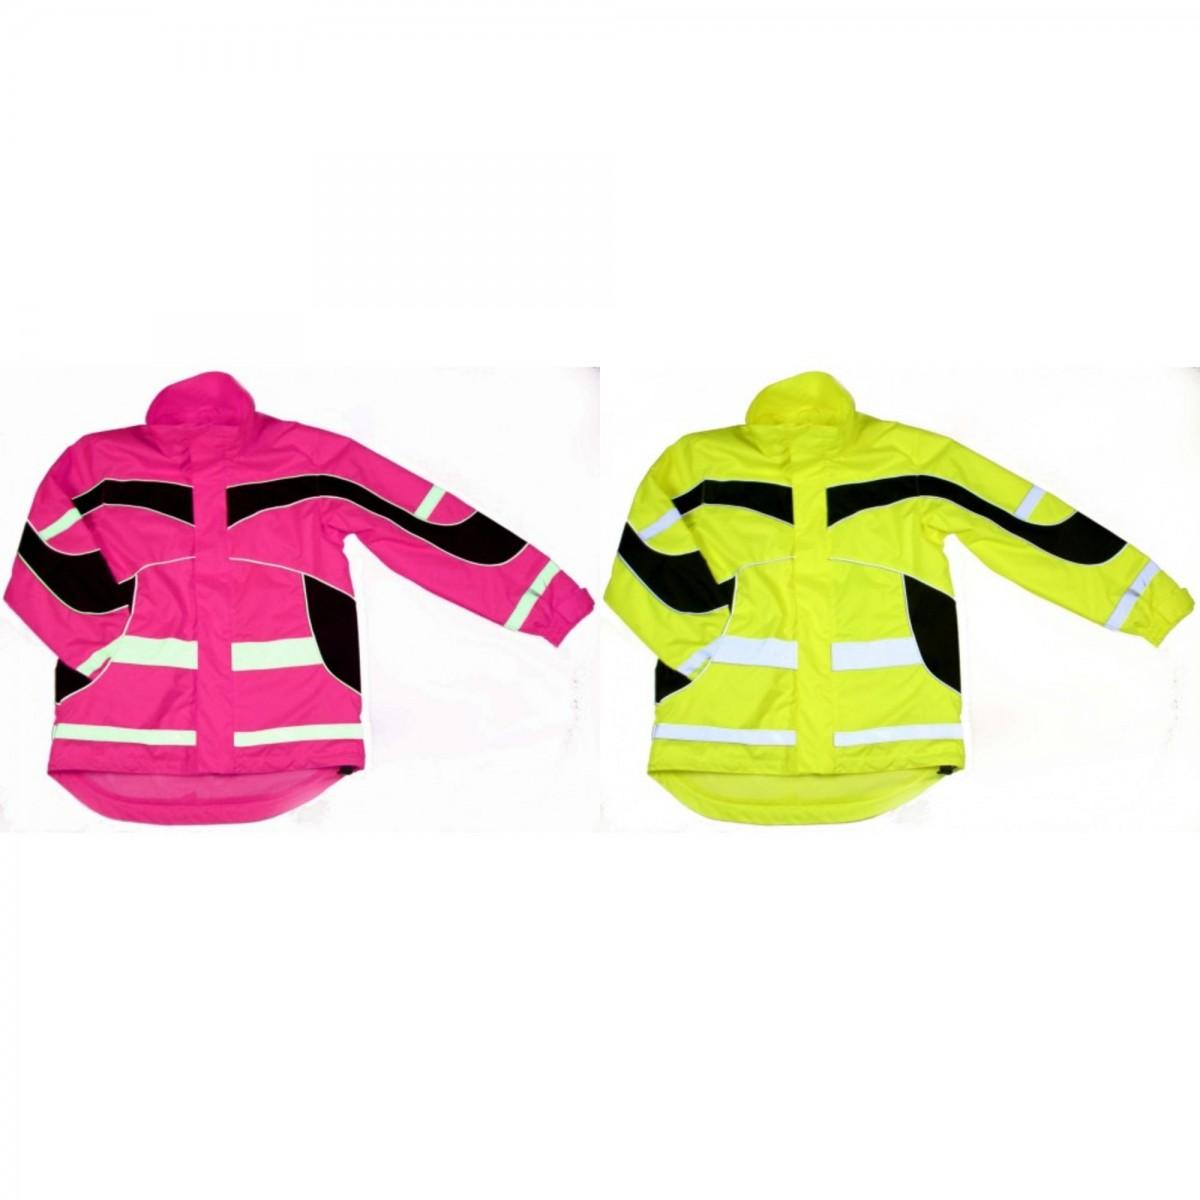 (エクイセーフティー) Equisafety 軽量 ジャケット スポーツウェア 作業服 安全ジャケット 乗馬 ホースライディング 【海外直送】